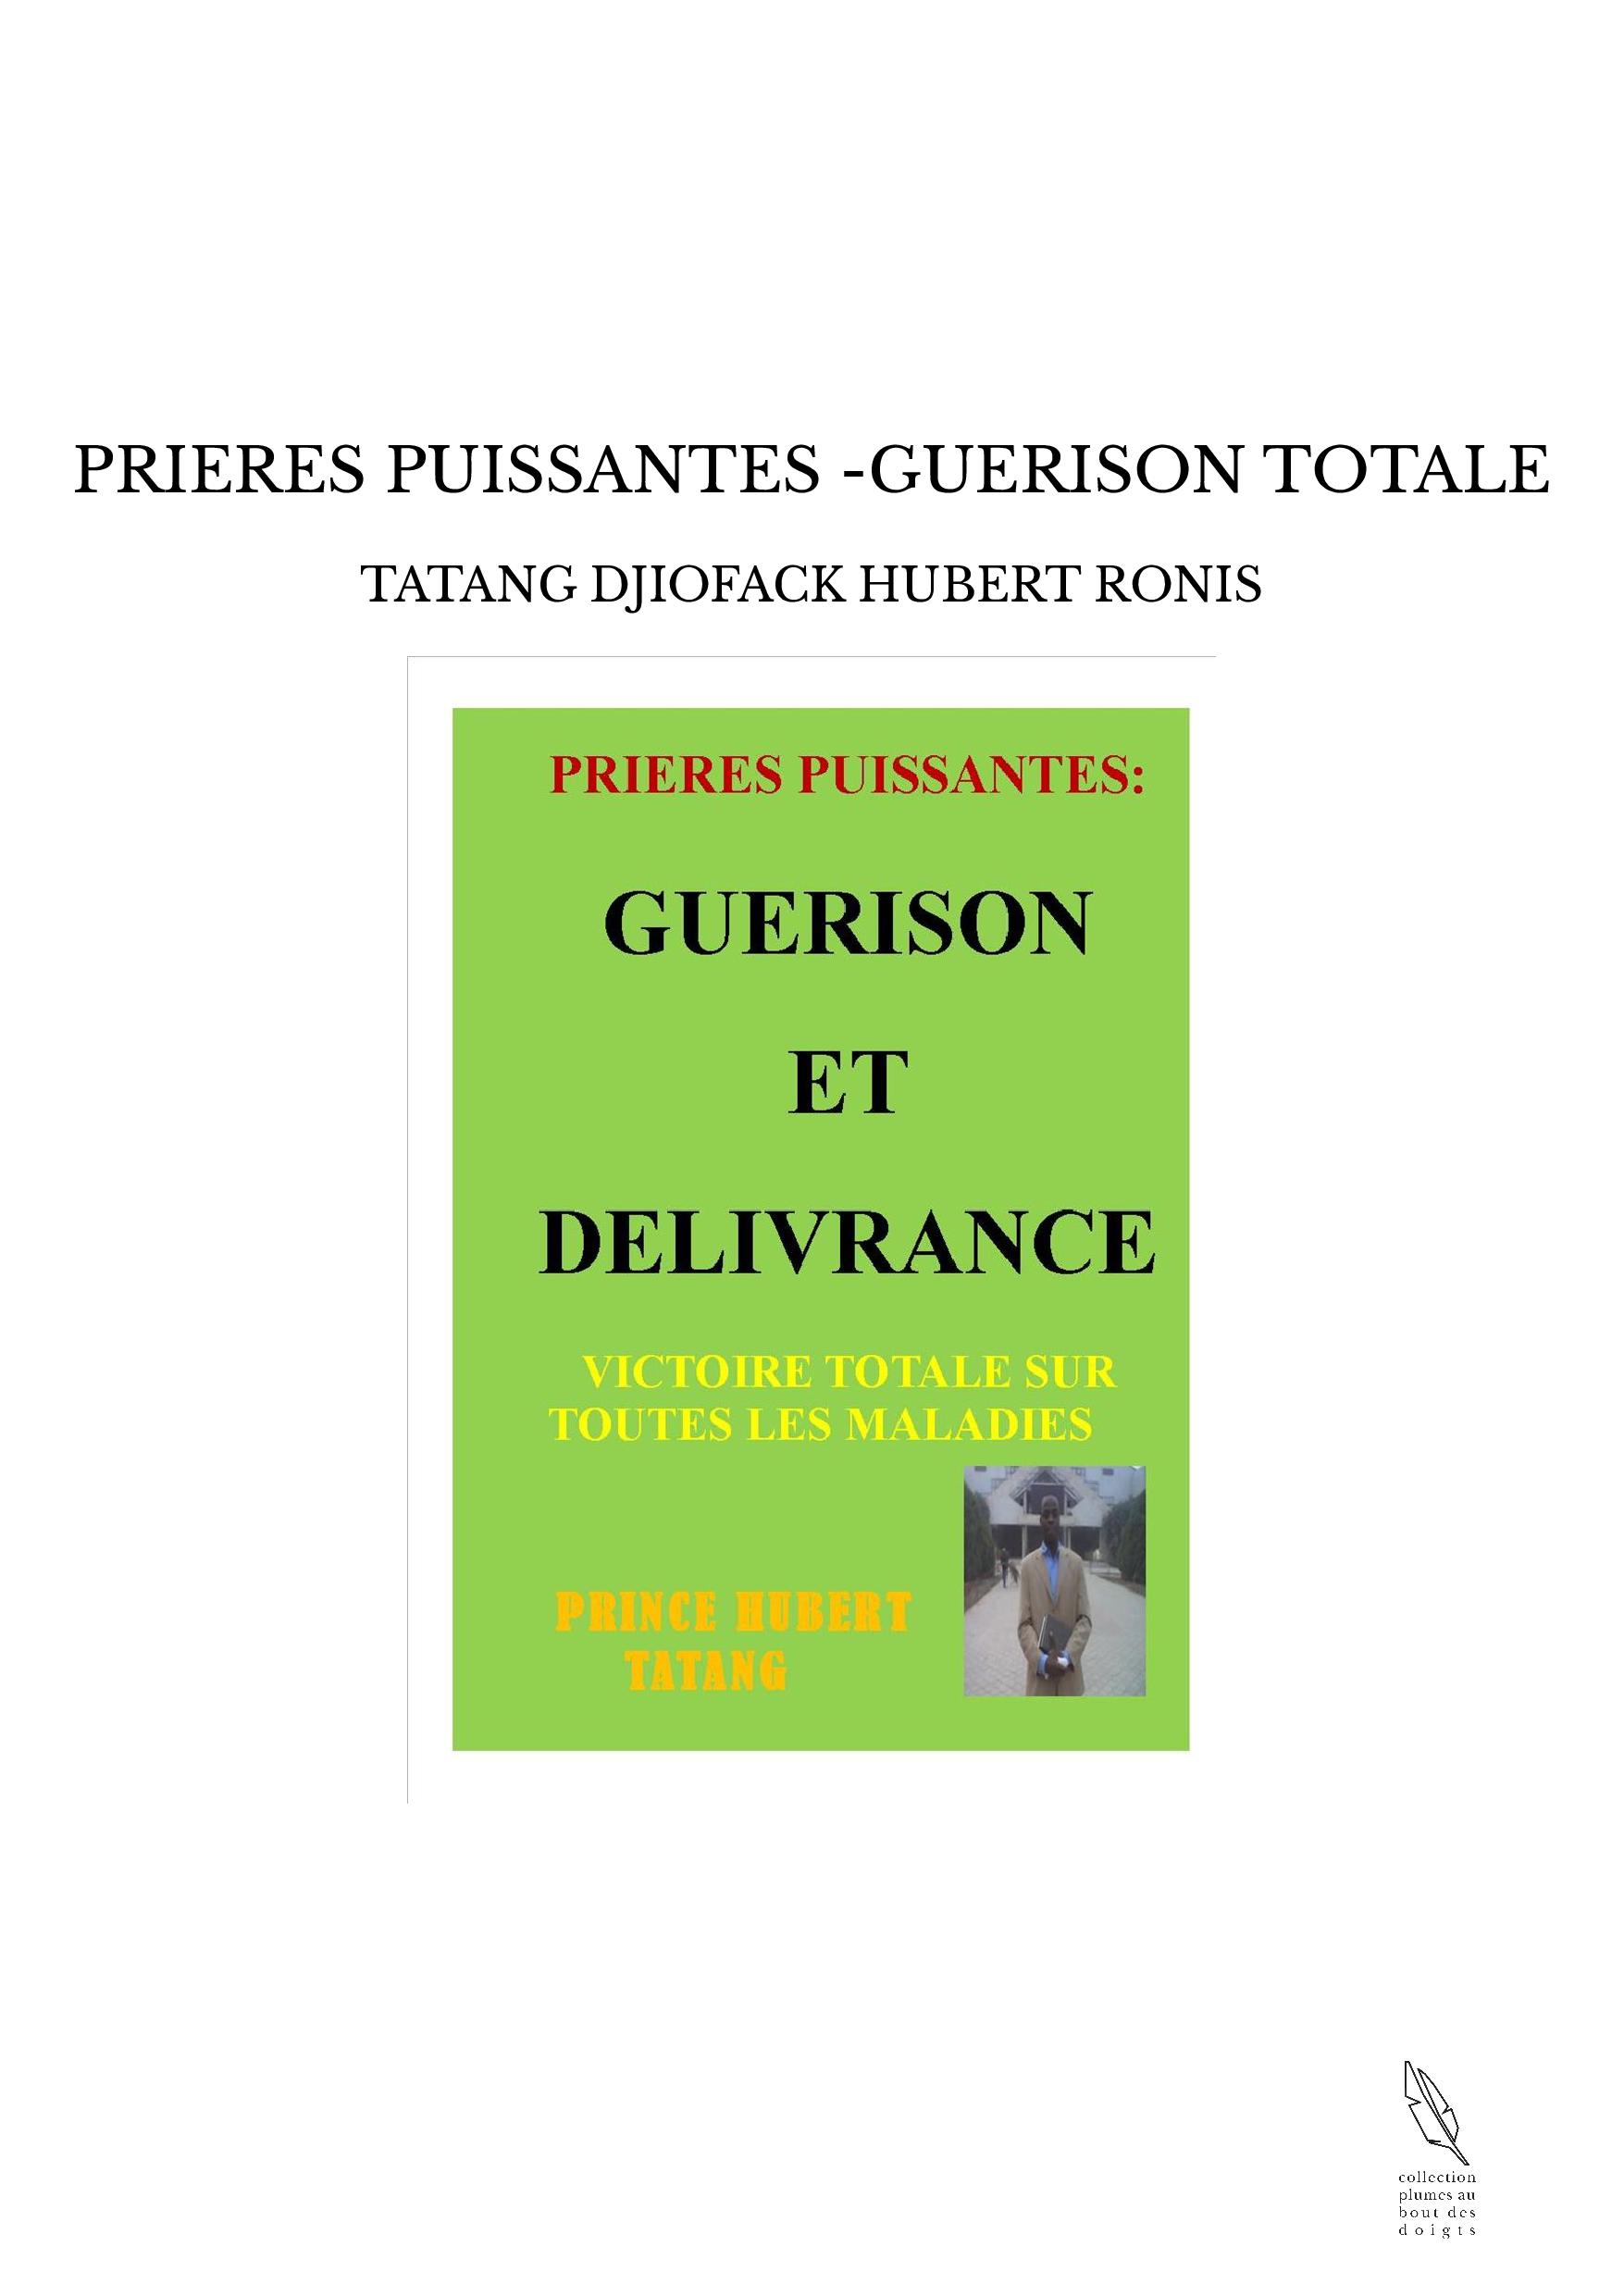 PRIERES PUISSANTES -GUERISON TOTALE